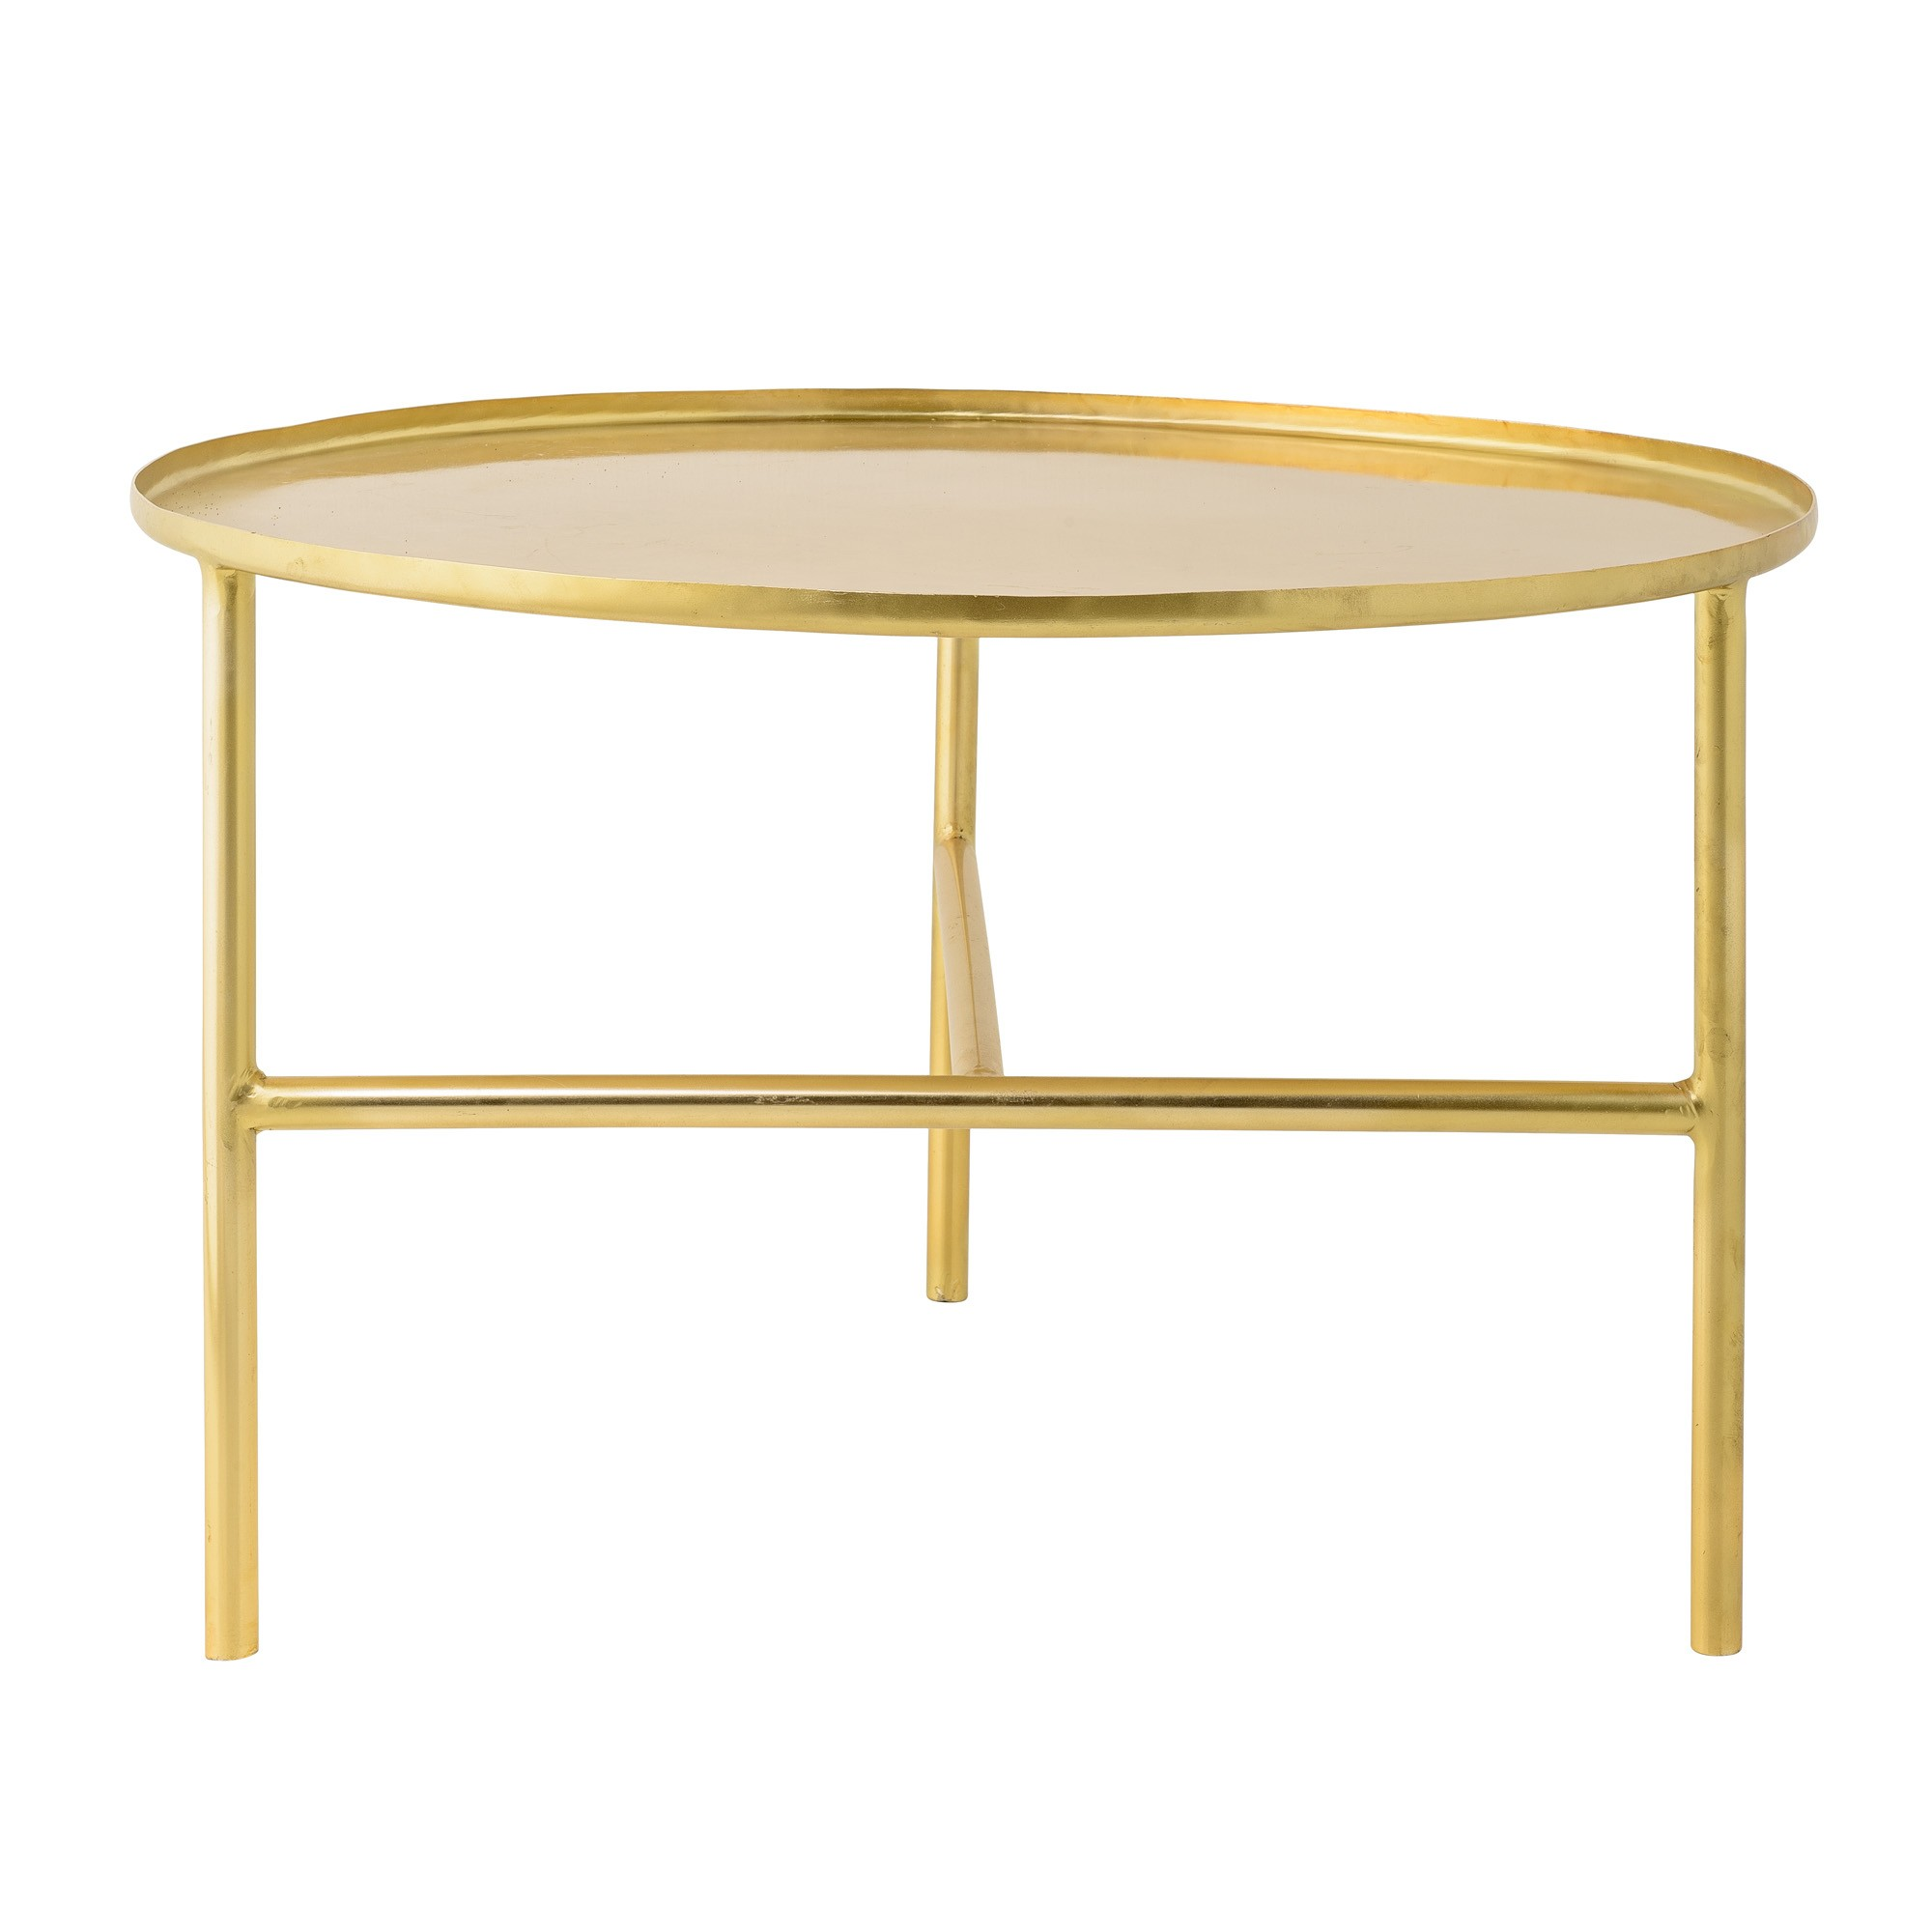 Table basse ronde en aluminium Mobilier design décoration d